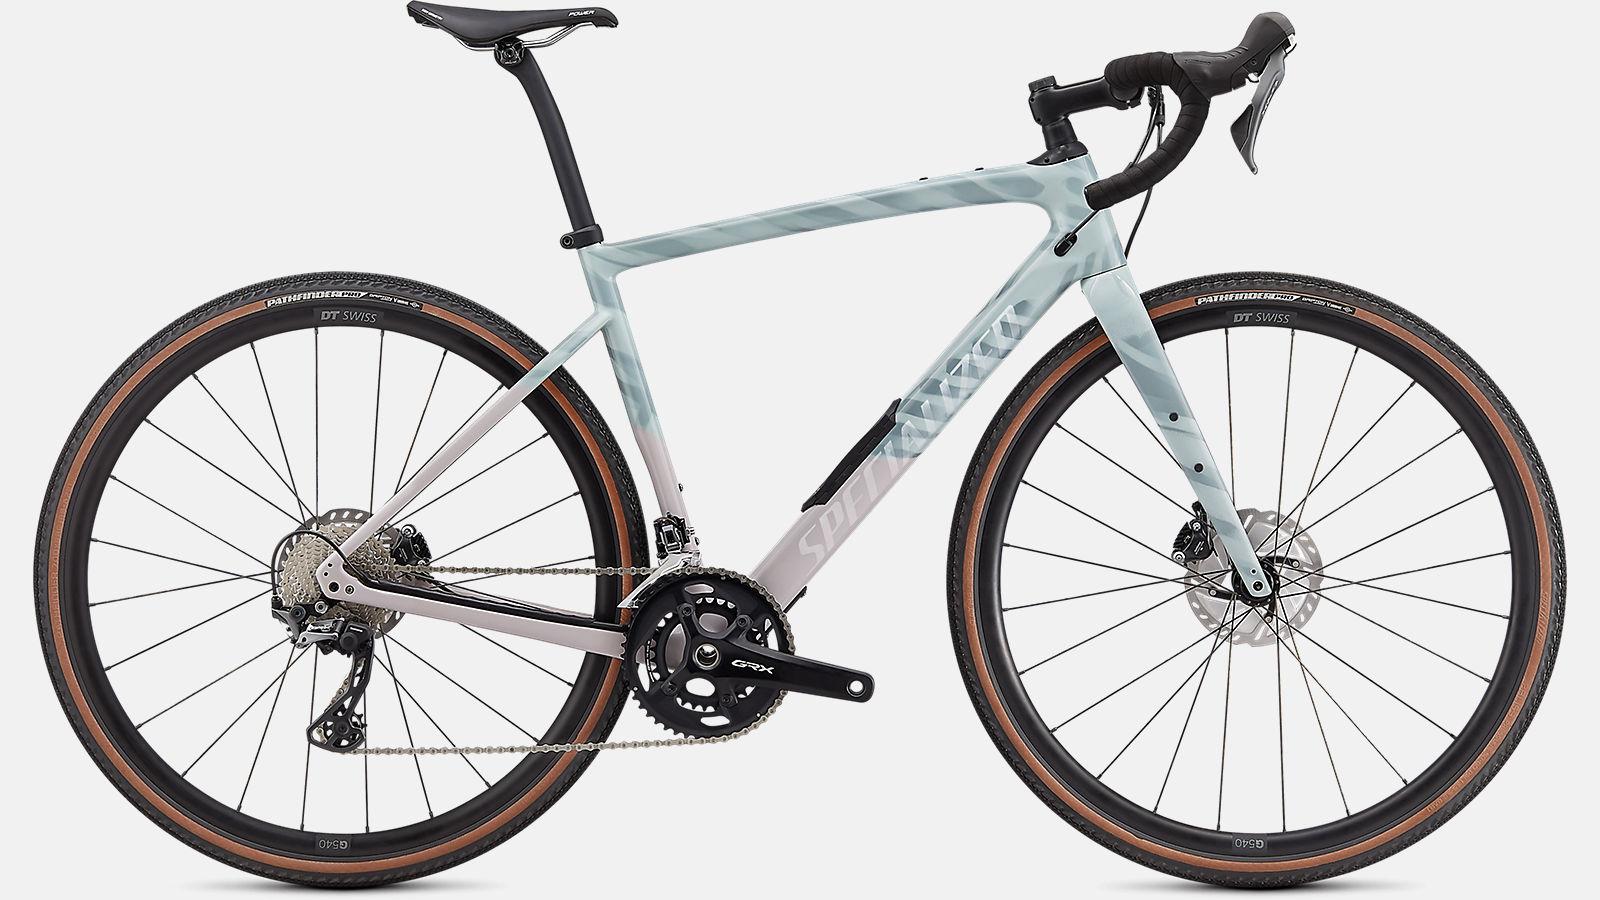 Diverge Comp Carbon Specialized women's gravel bike